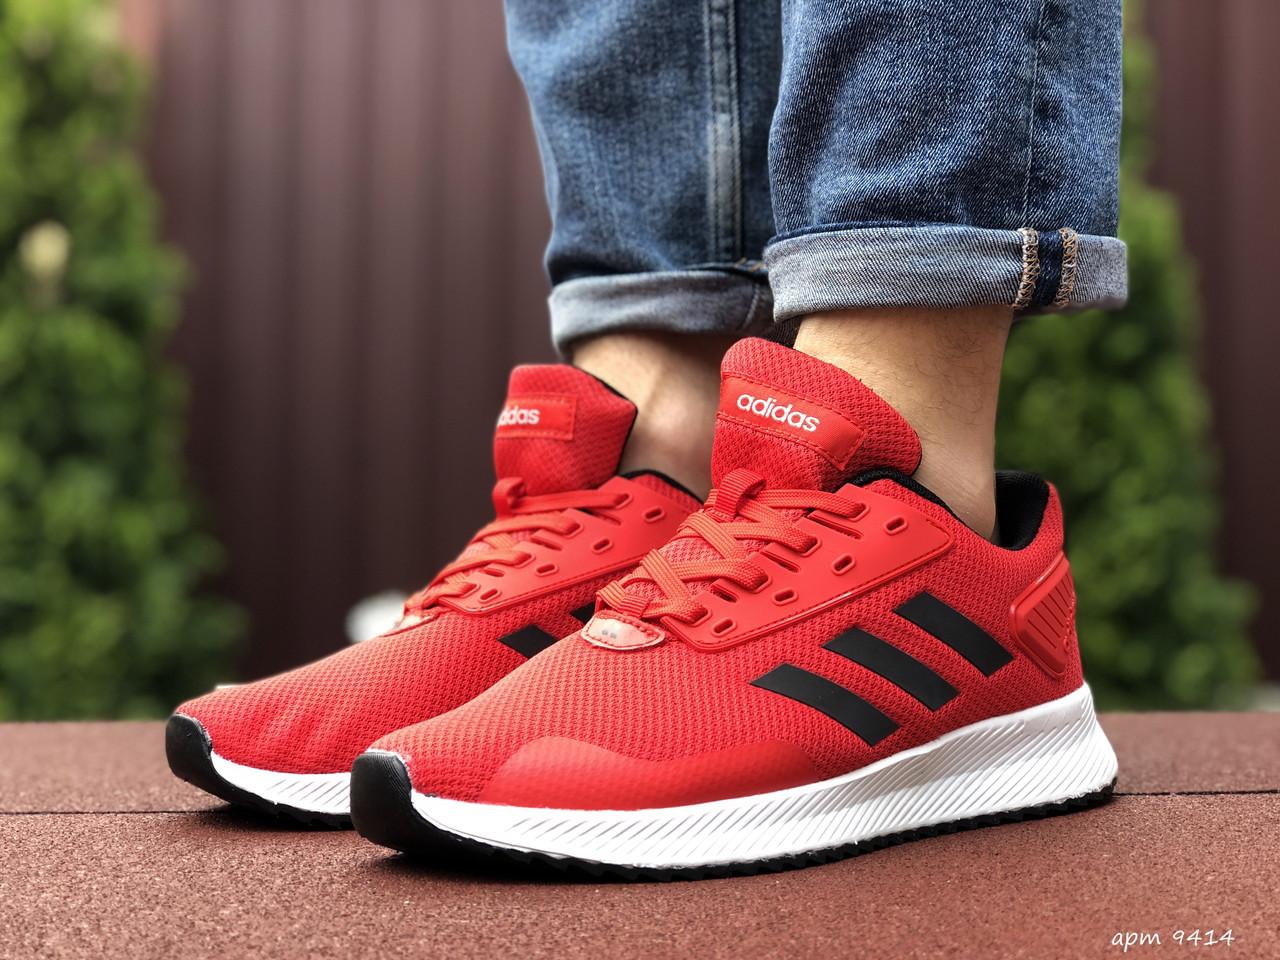 Чоловічі кроссовки Adidas червоний / білий. [Розміри в наявності: 41,42,43,44,45]